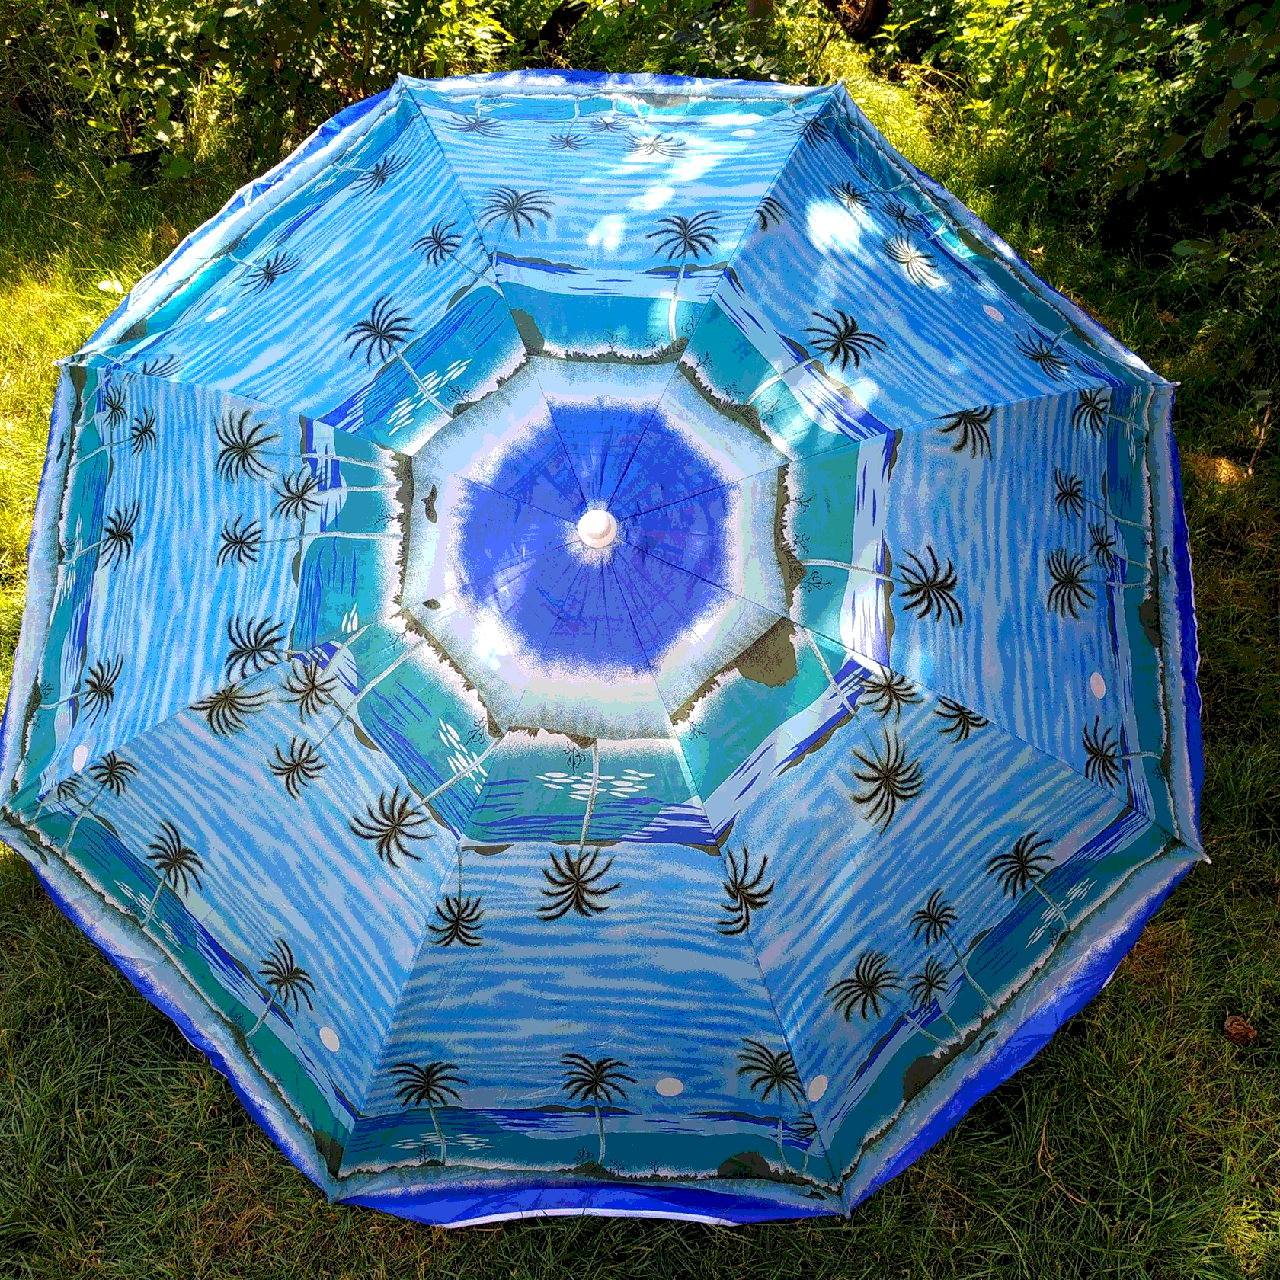 Пляжний зонт блакитний з пальмами 2 метри колір 3а